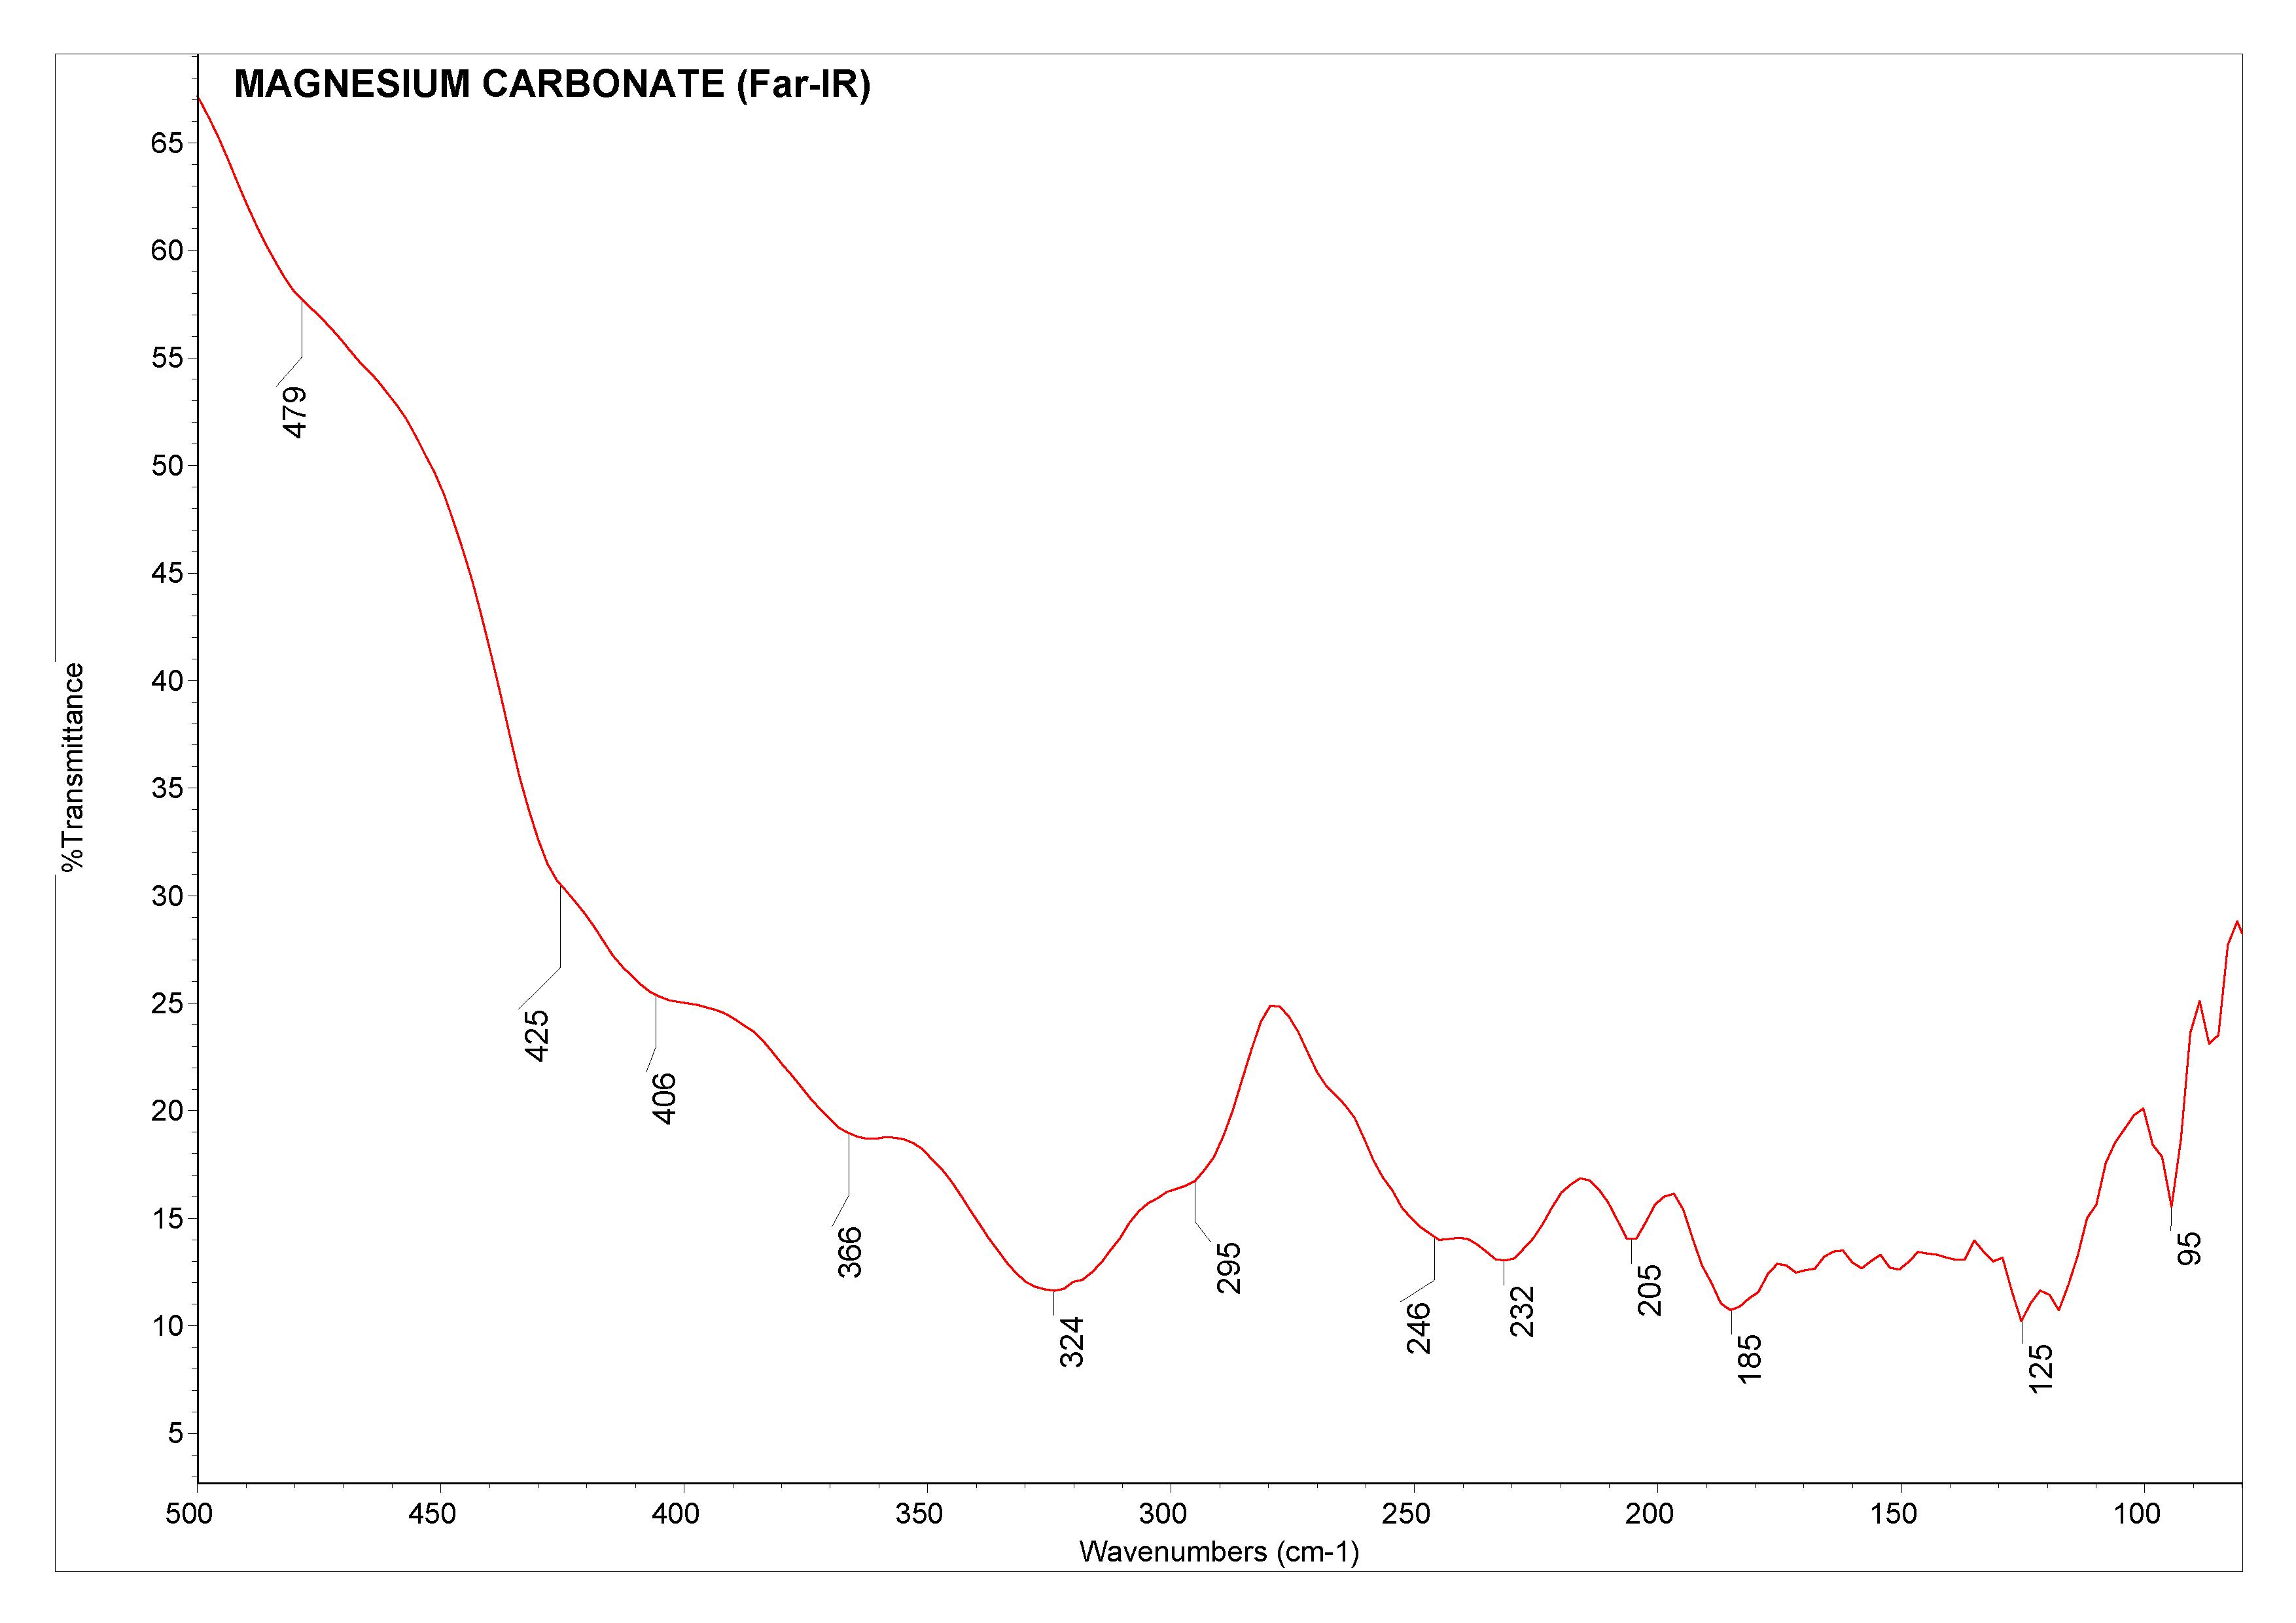 Magnesium carbonate (Far-IR)